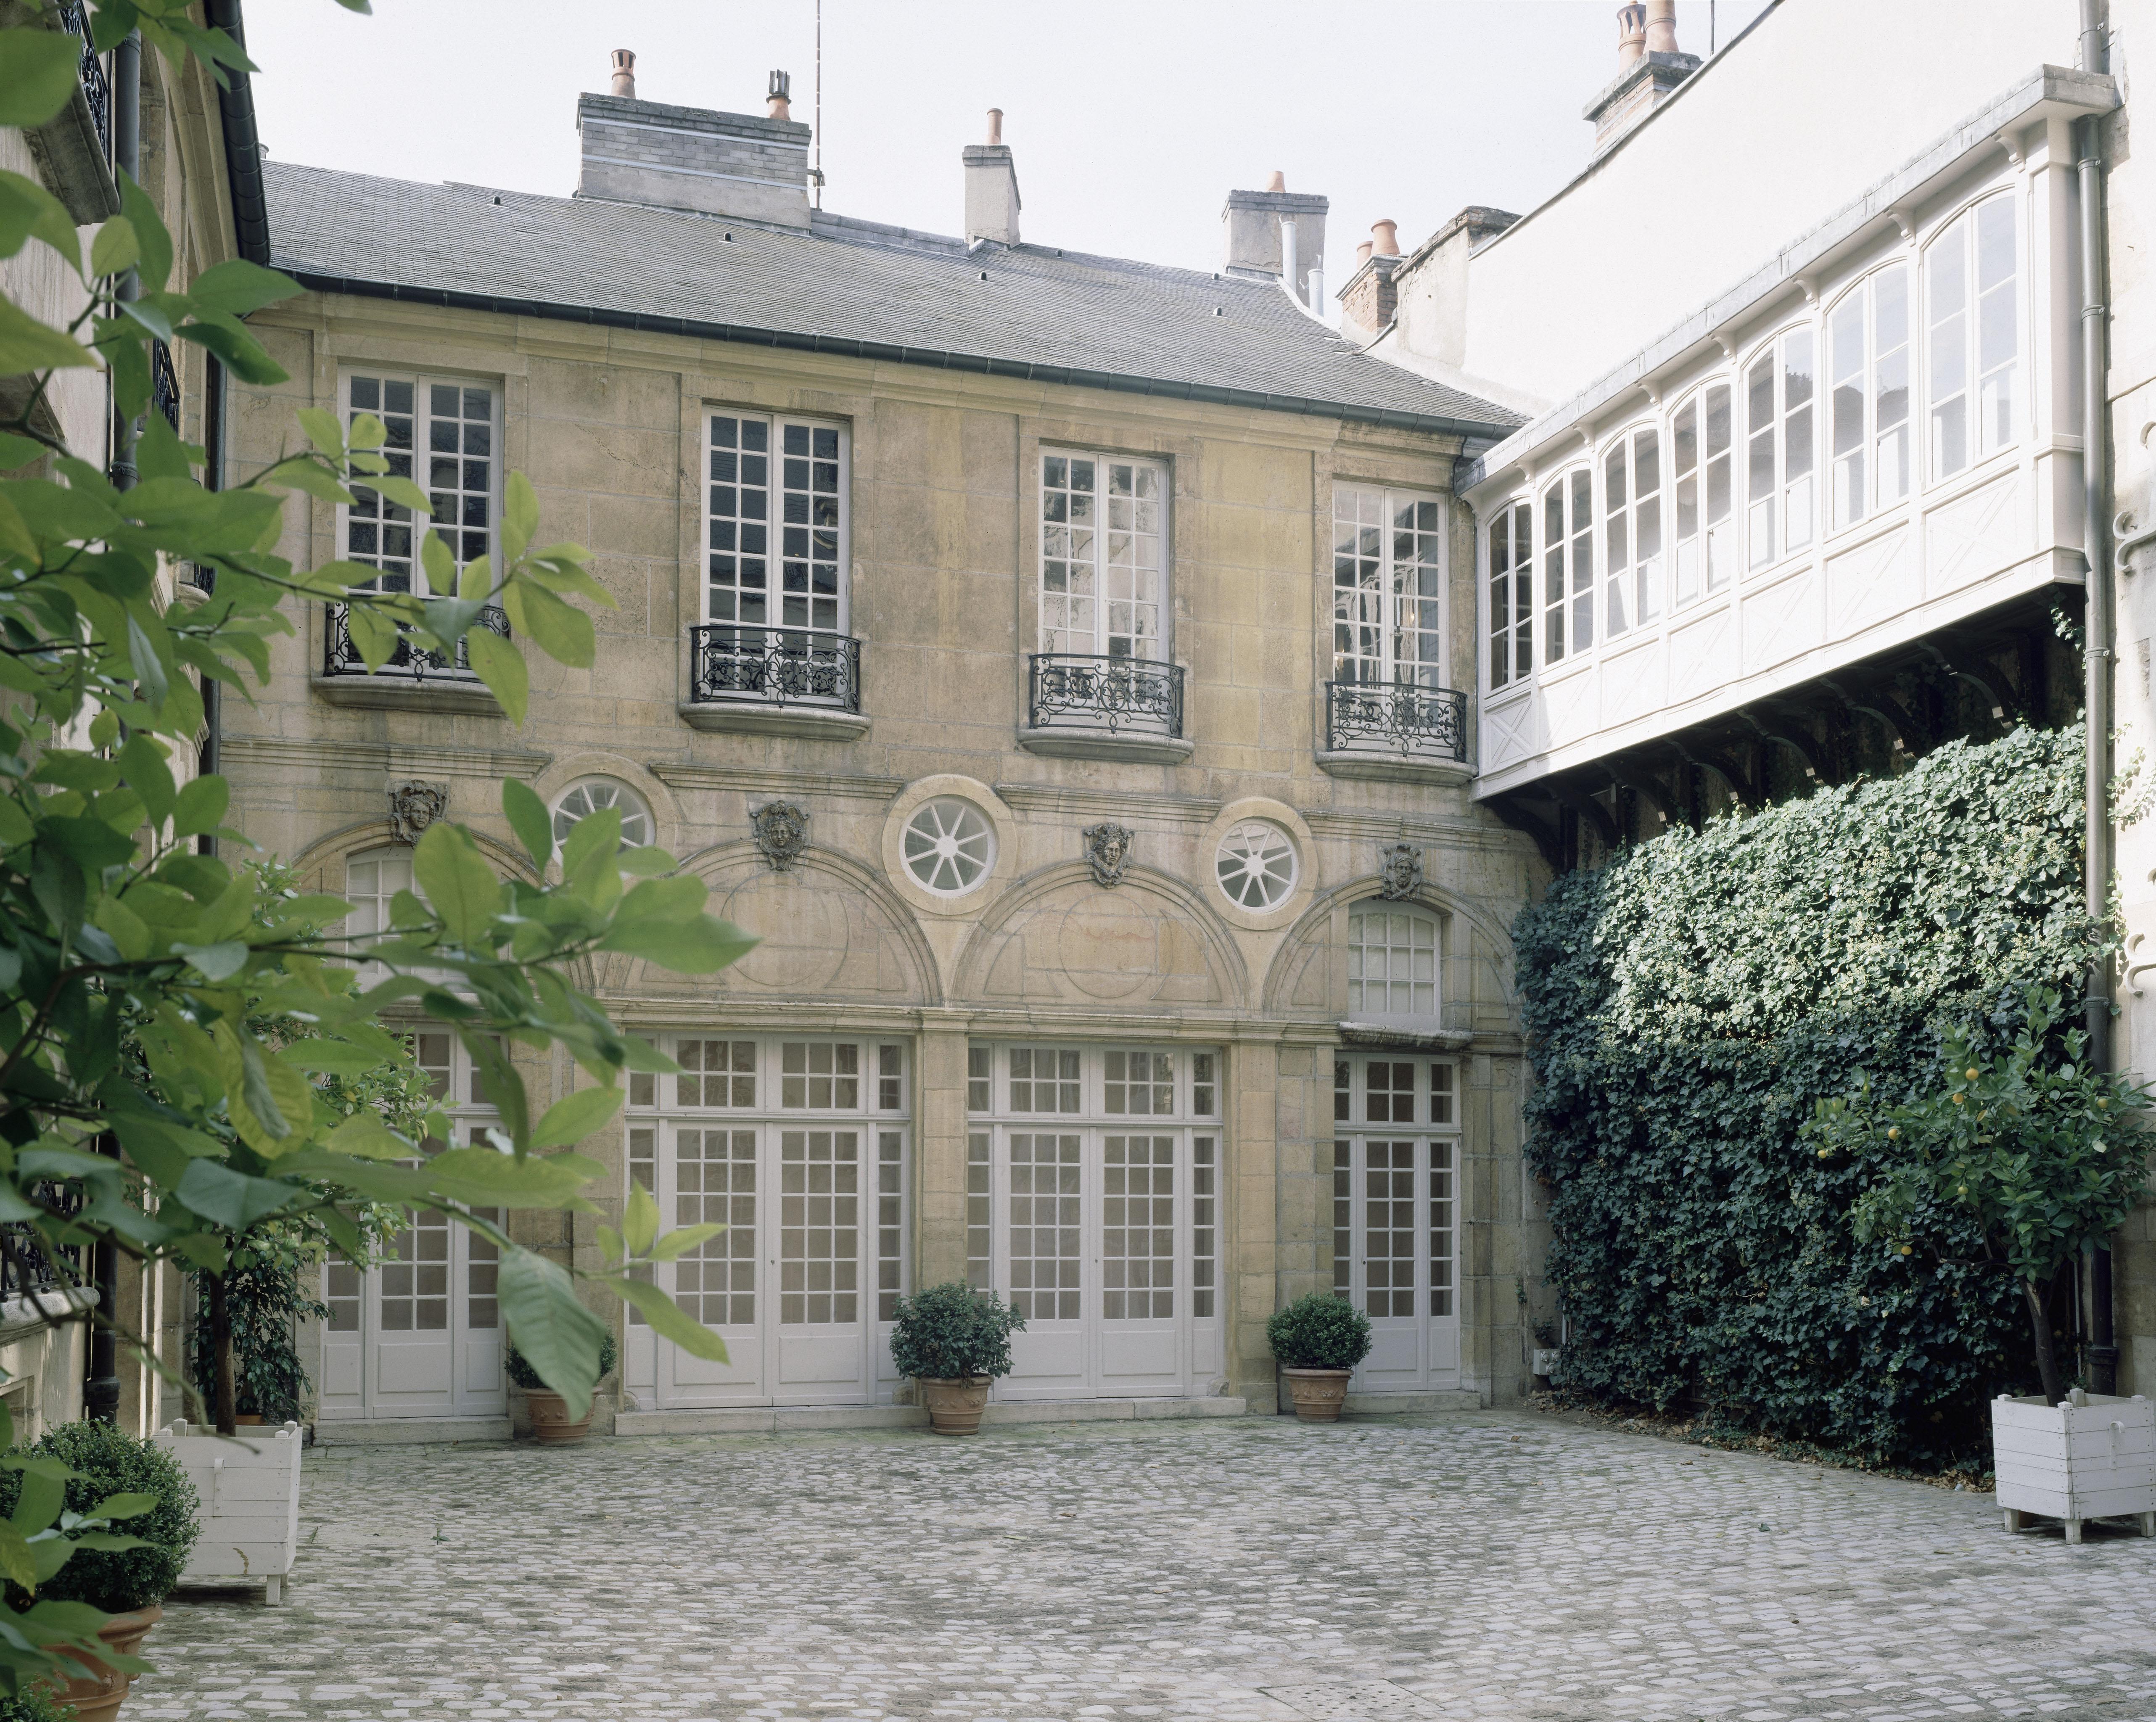 Tour de france des mus es nationaux mus e magnin de dijon rmn grand palais - Boutique des musees nationaux ...